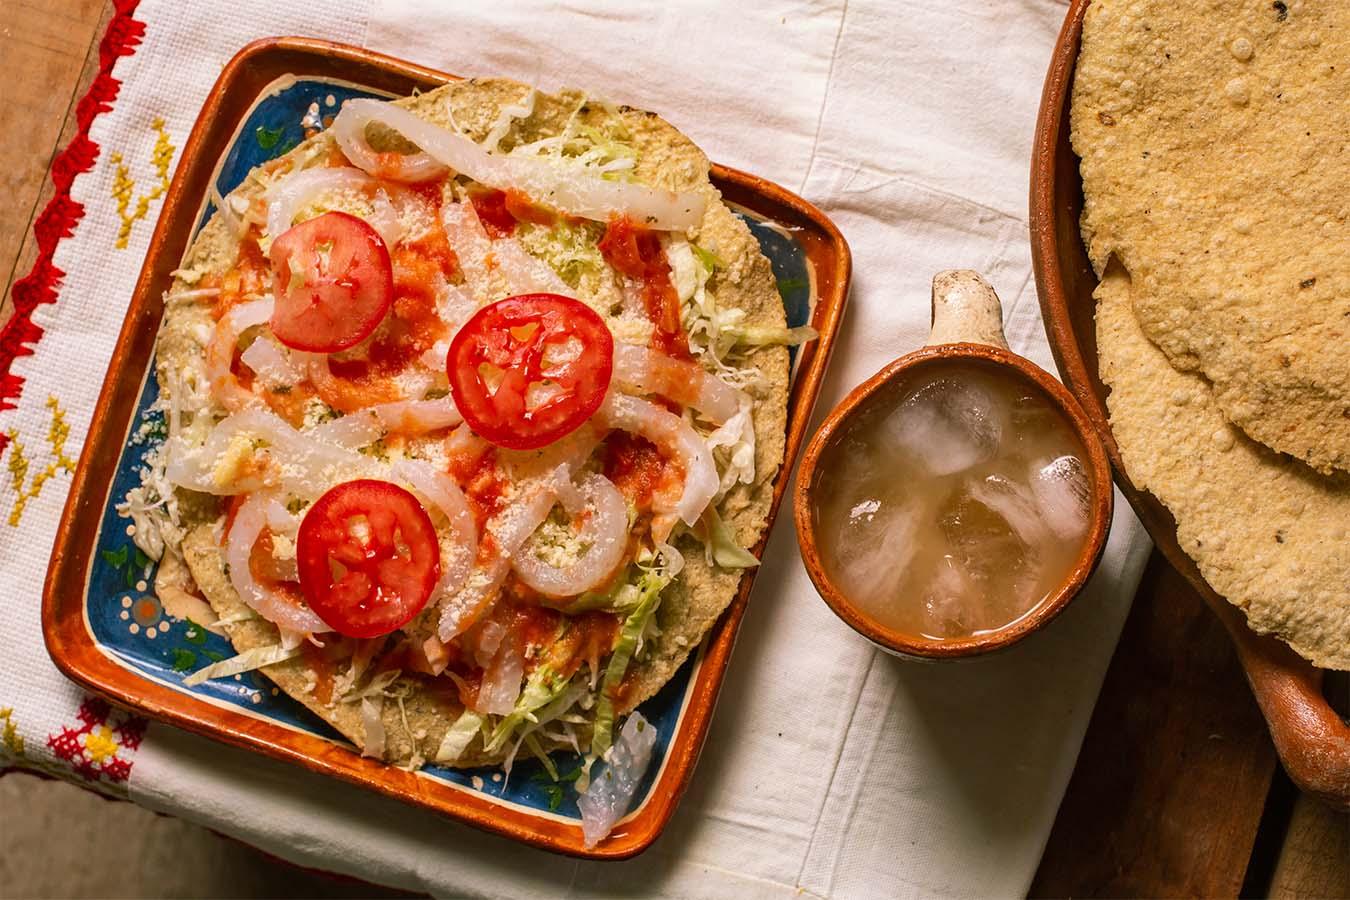 tostadas mexicanas tejuino tostadas raspadas mujeres del maiz Jalisco